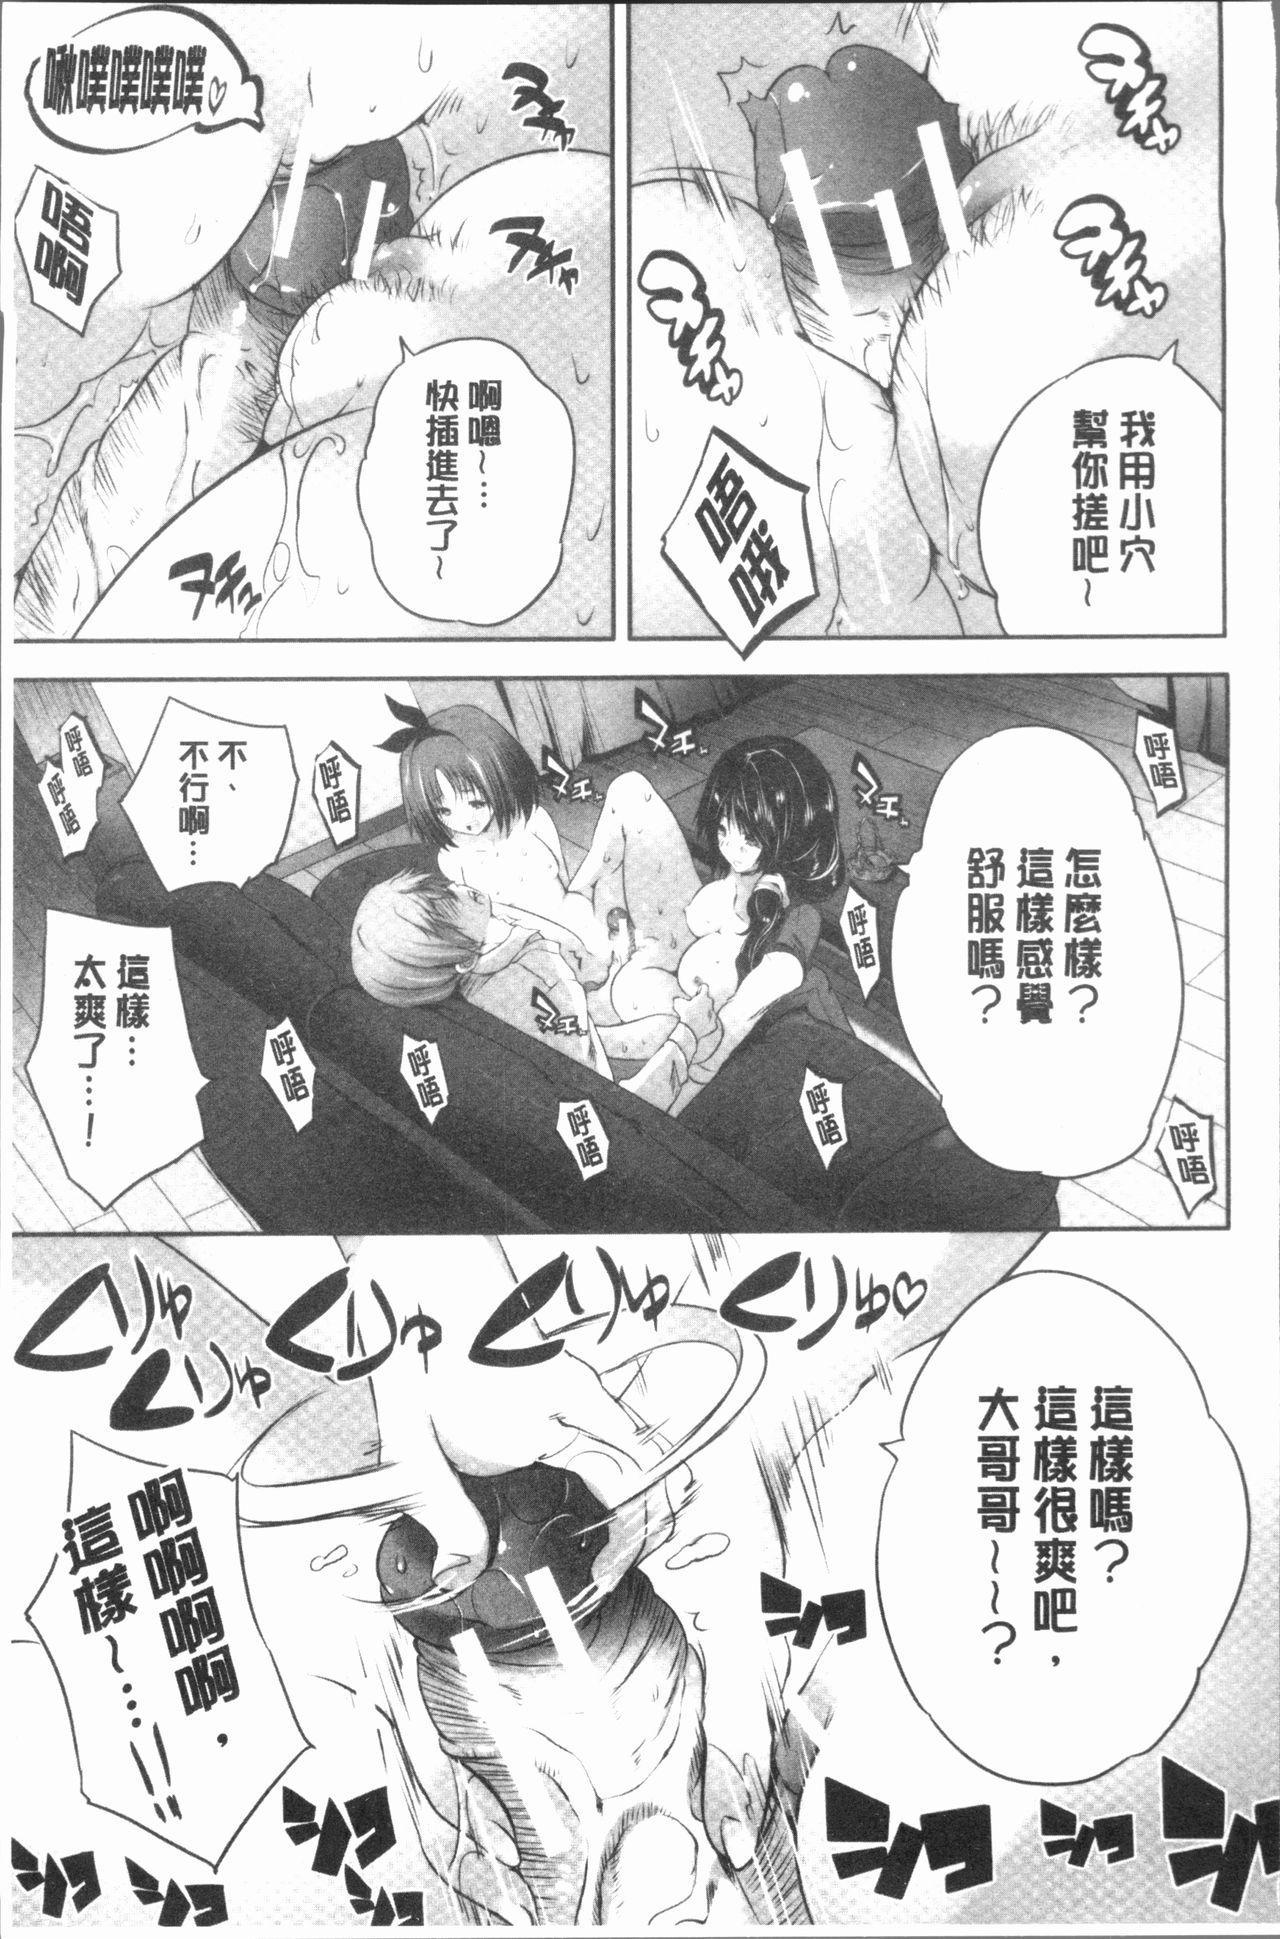 Nanimo Shitenai no ni Bitch Oyako ni Gyaku Rape Saremakutta! 108